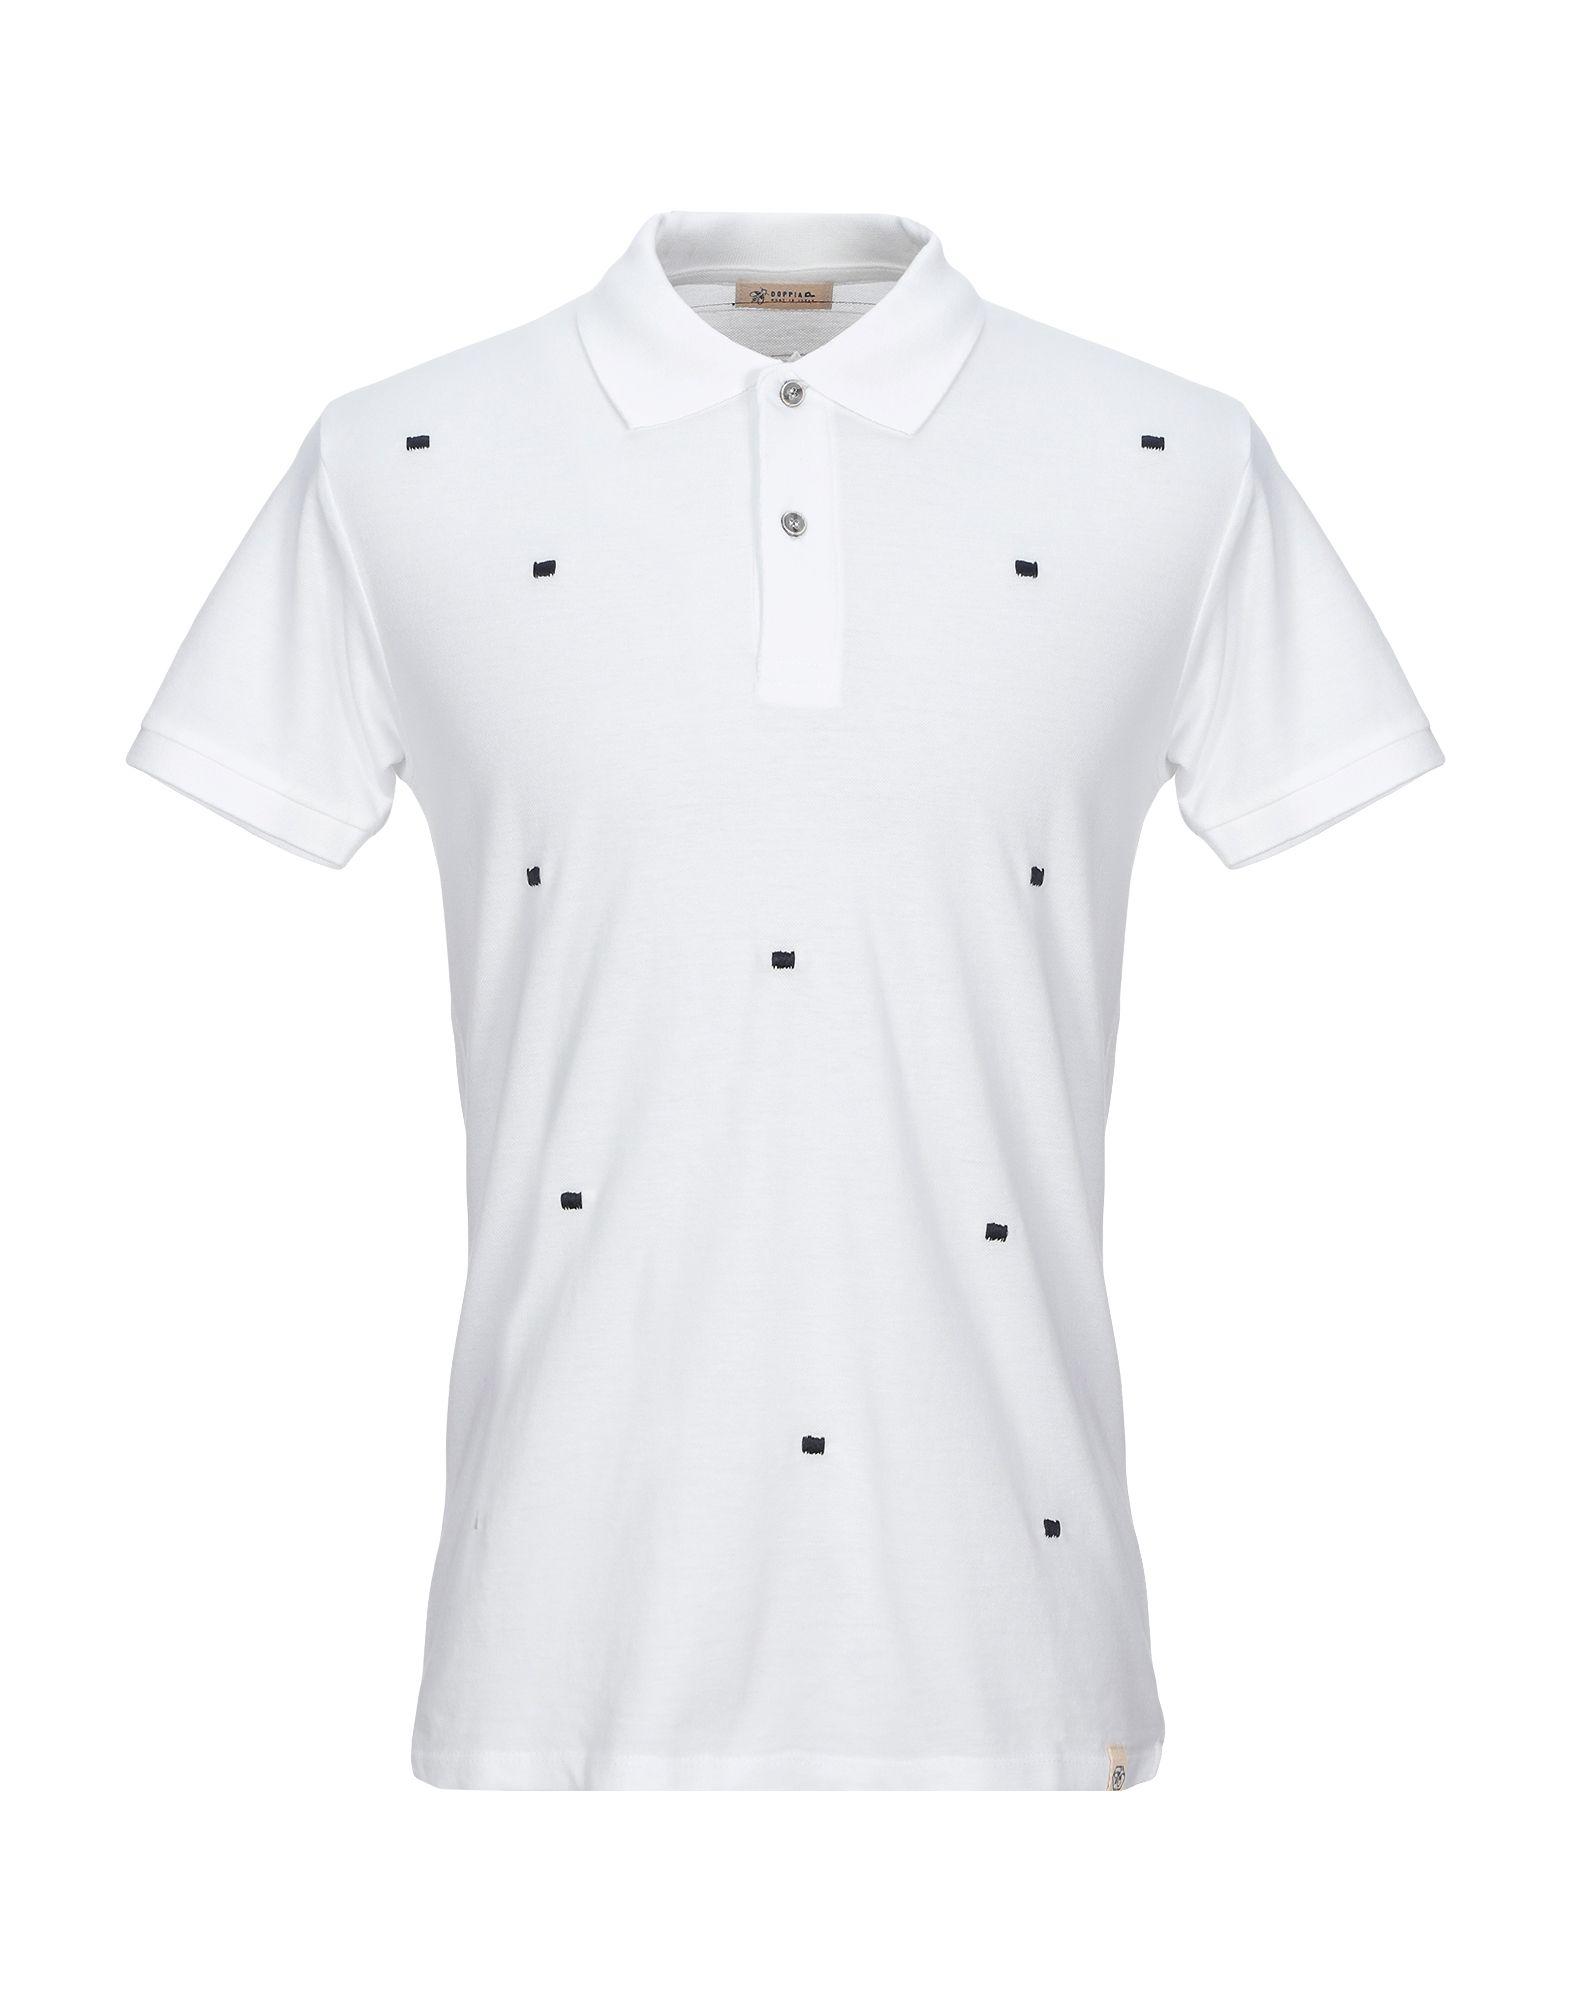 《期間限定セール開催中!》SUPPLIER DOPPIA P メンズ ポロシャツ ホワイト S コットン 100%